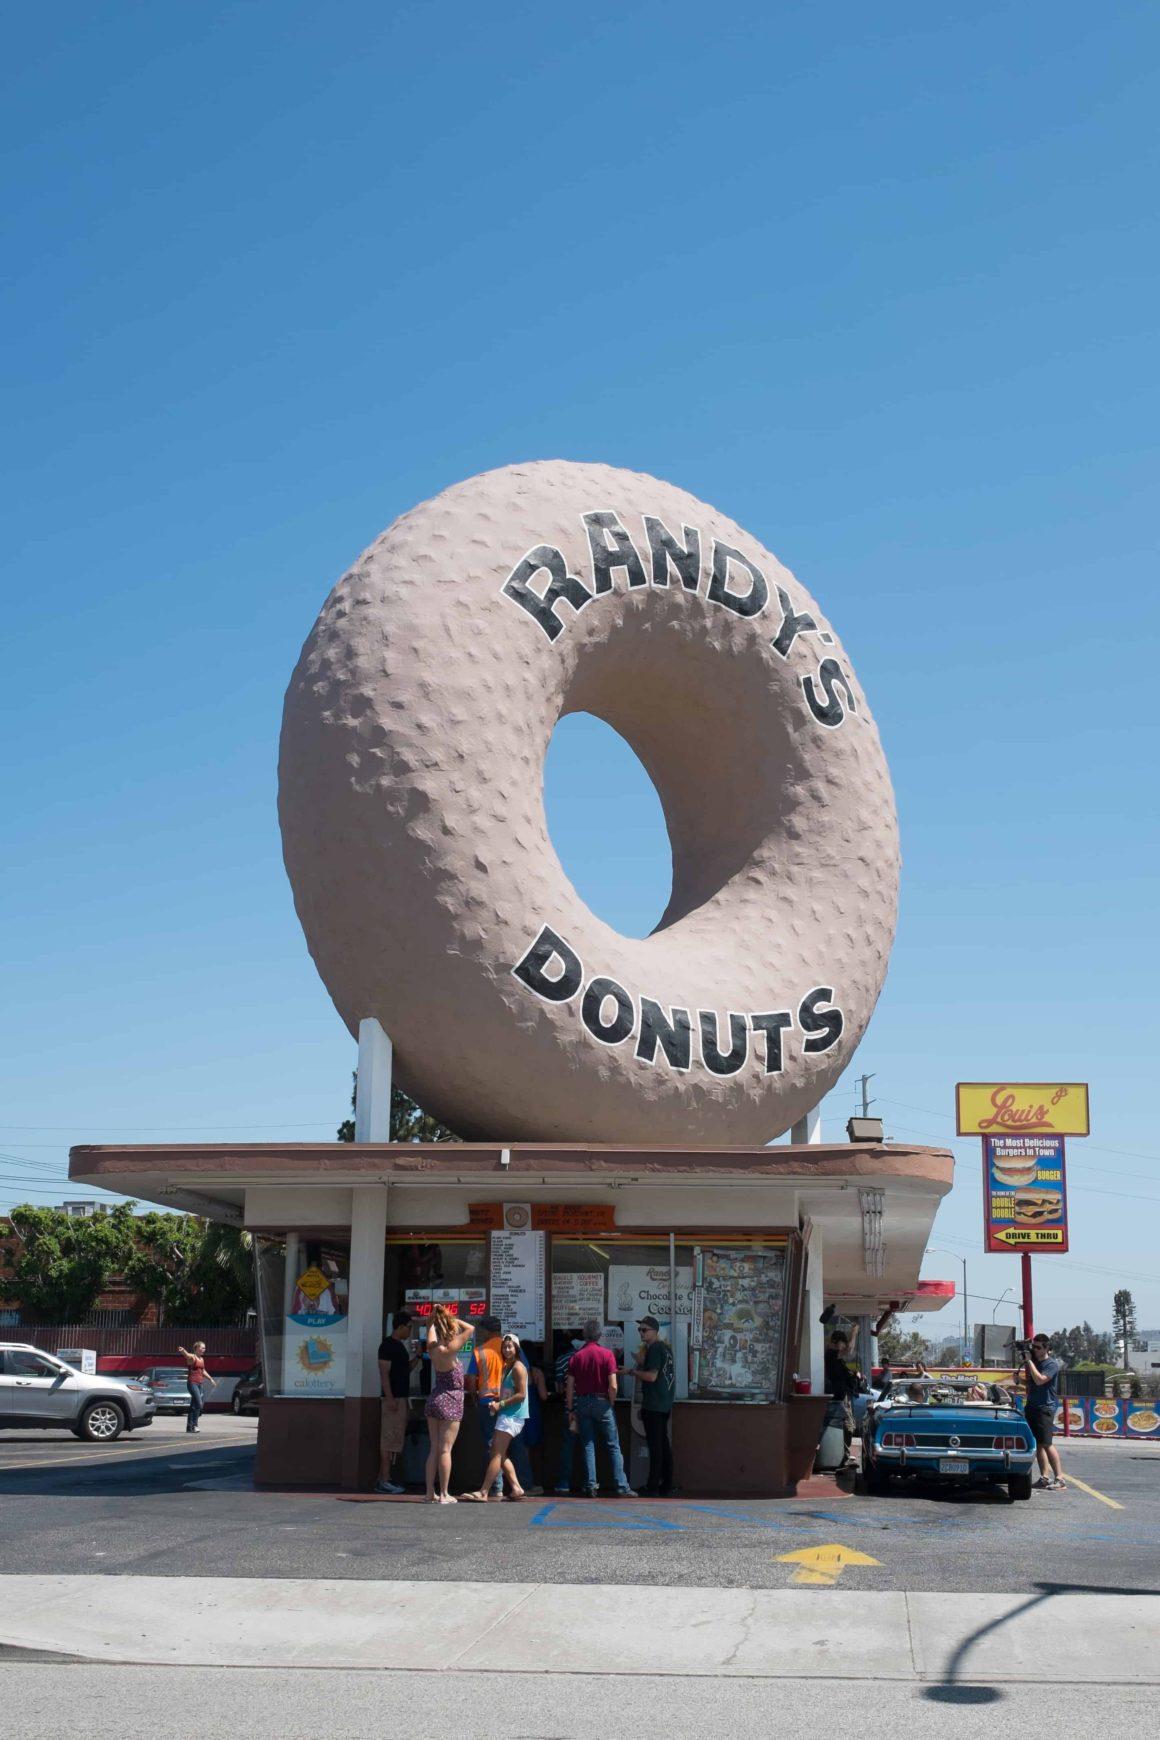 Week No. 5 | Randy's Donuts